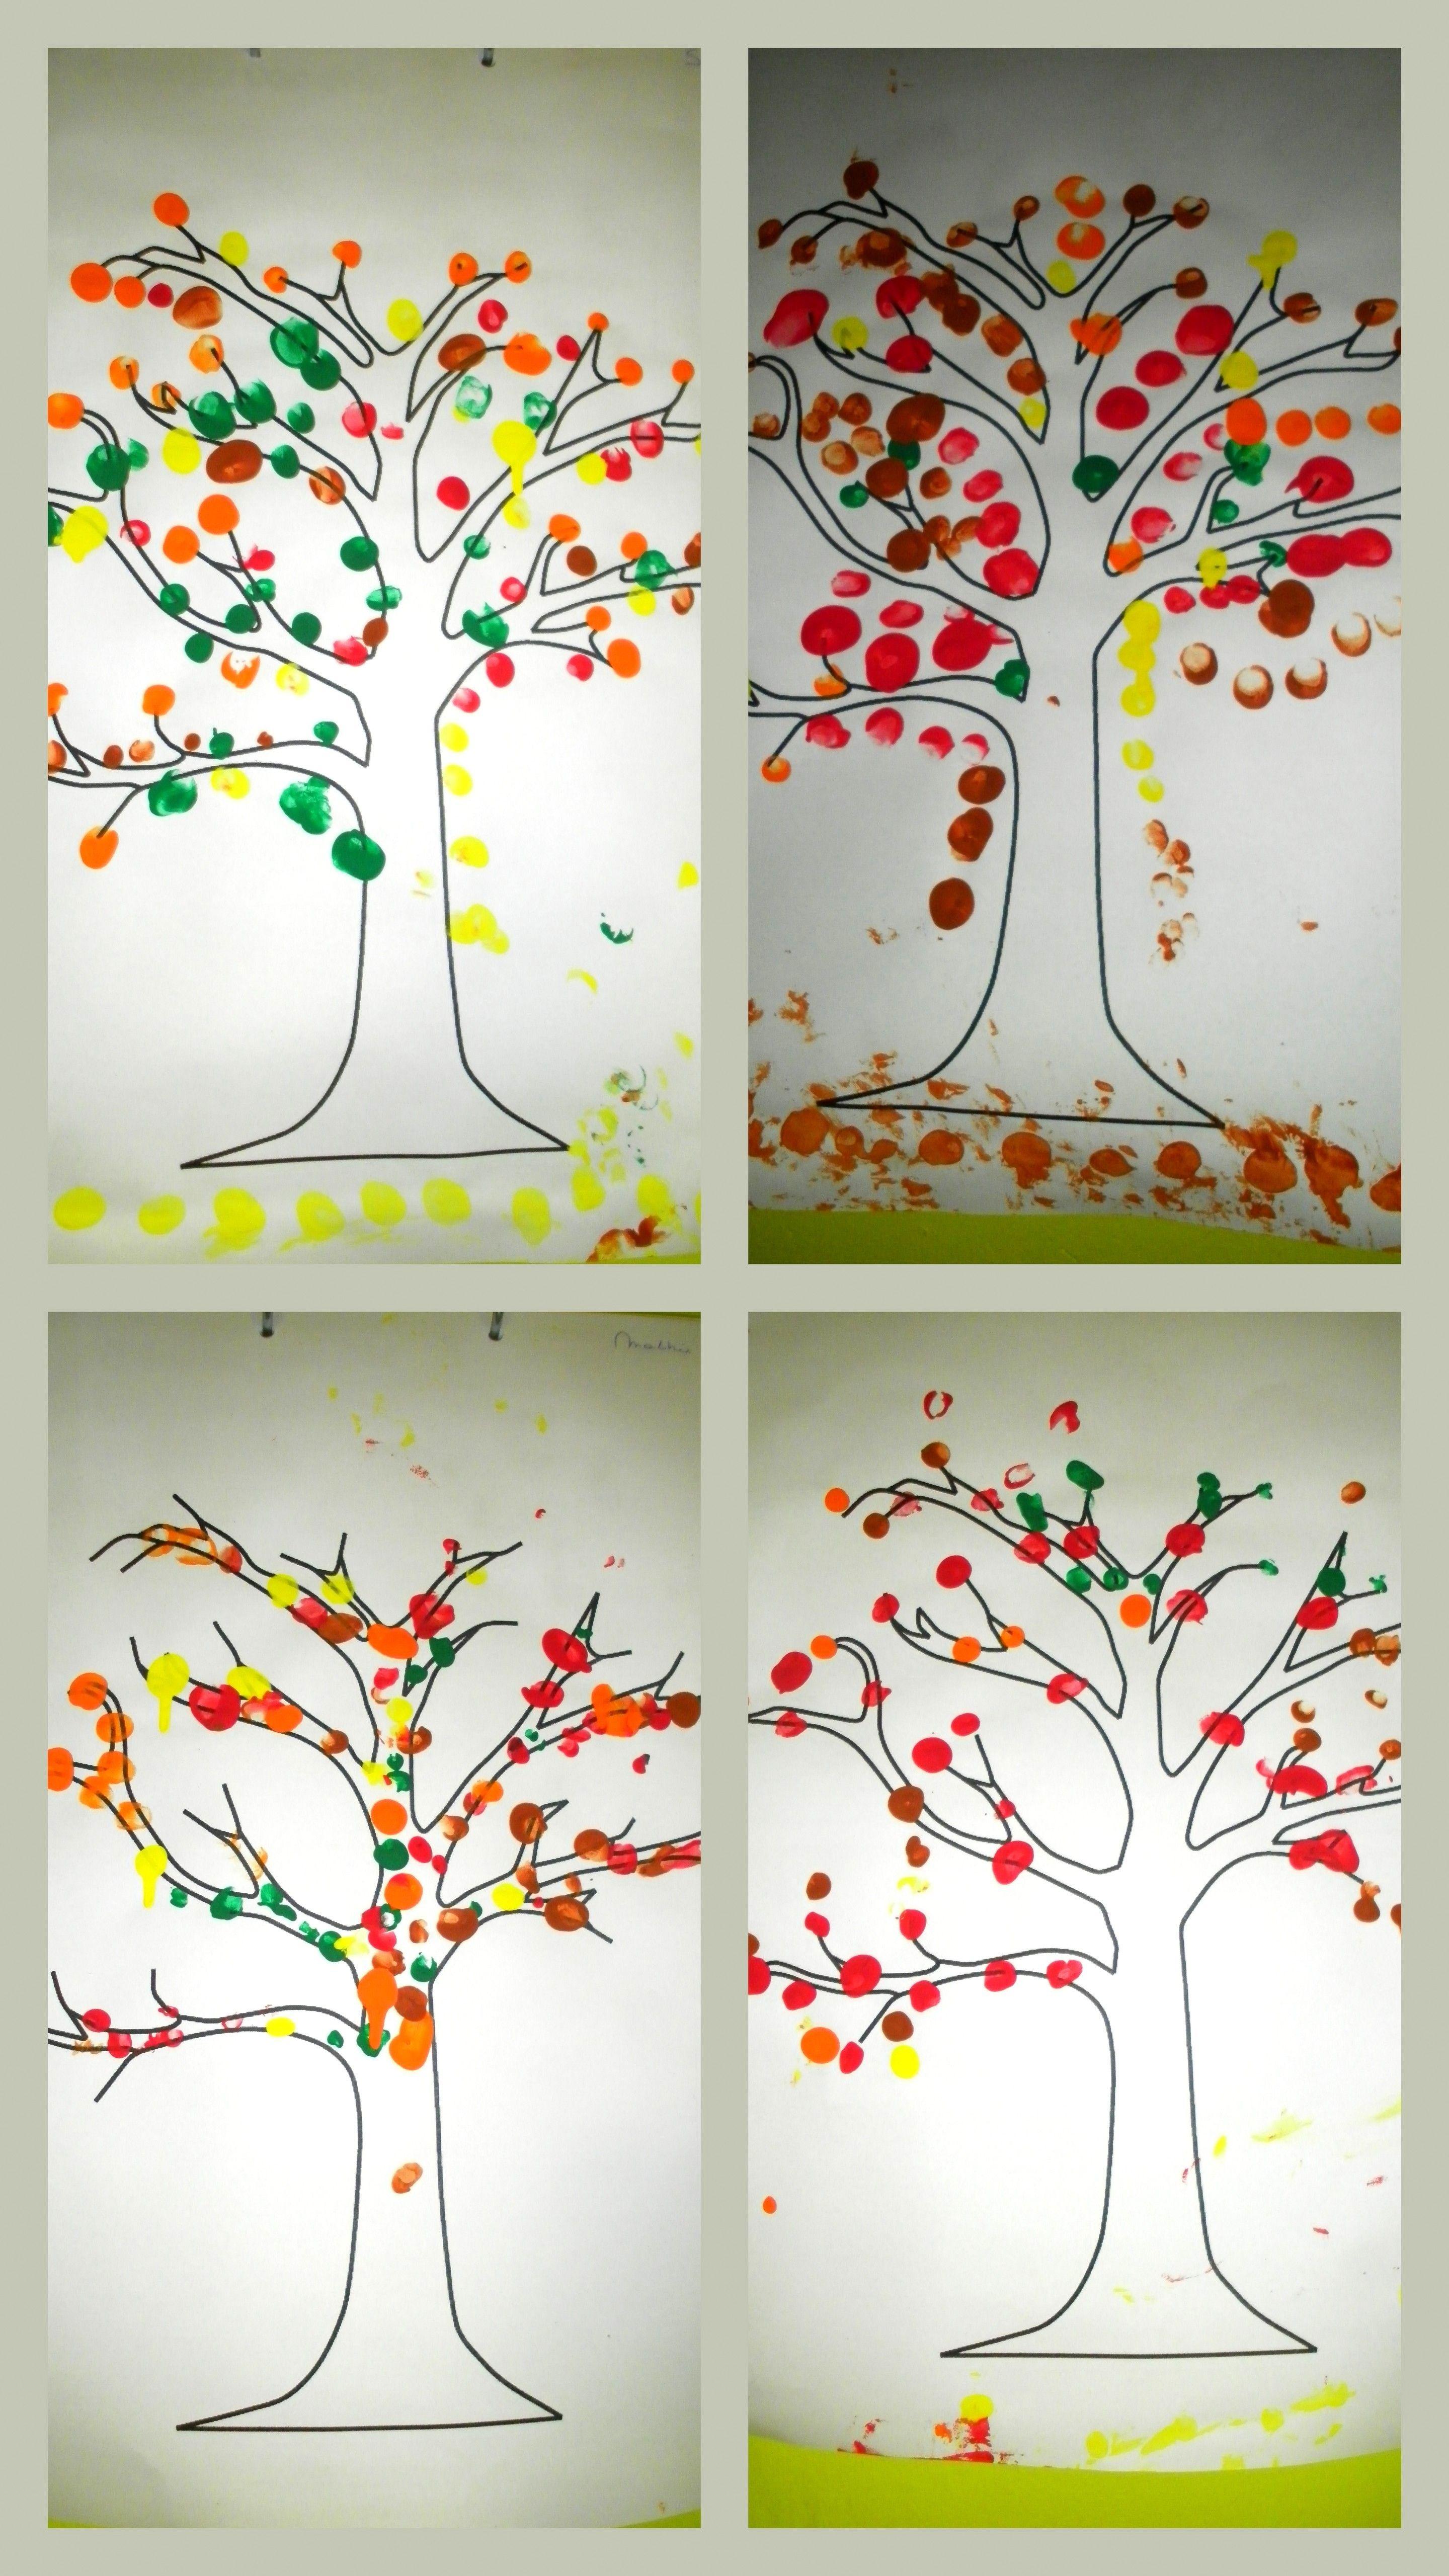 Herfstboom Vingerstempelen Met De Herfstkleuren Op Een Kale Boom Liestr Herfst Bomen Herfstkleuren Thema